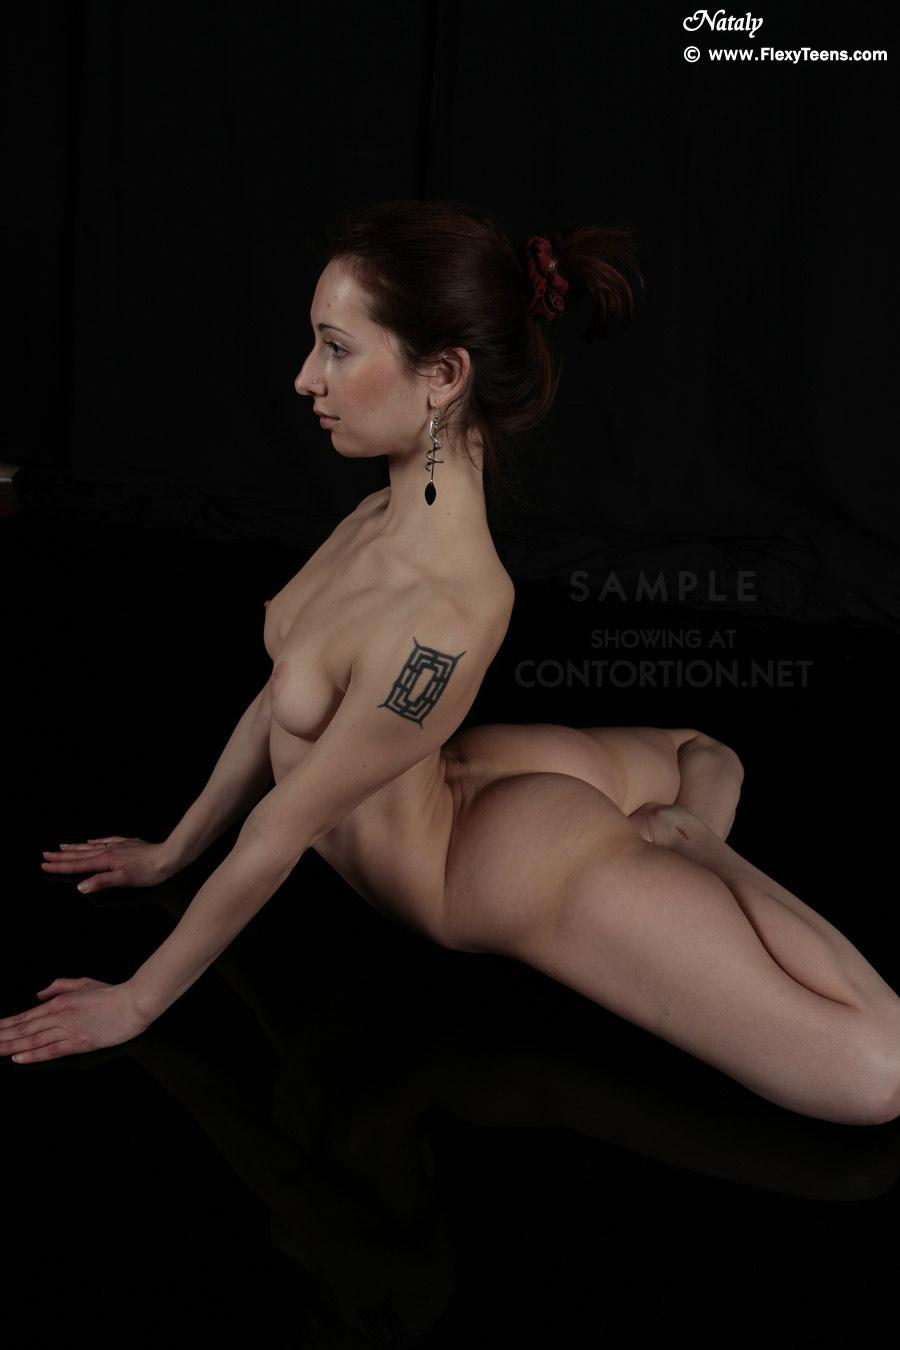 nude sex Hot yoga